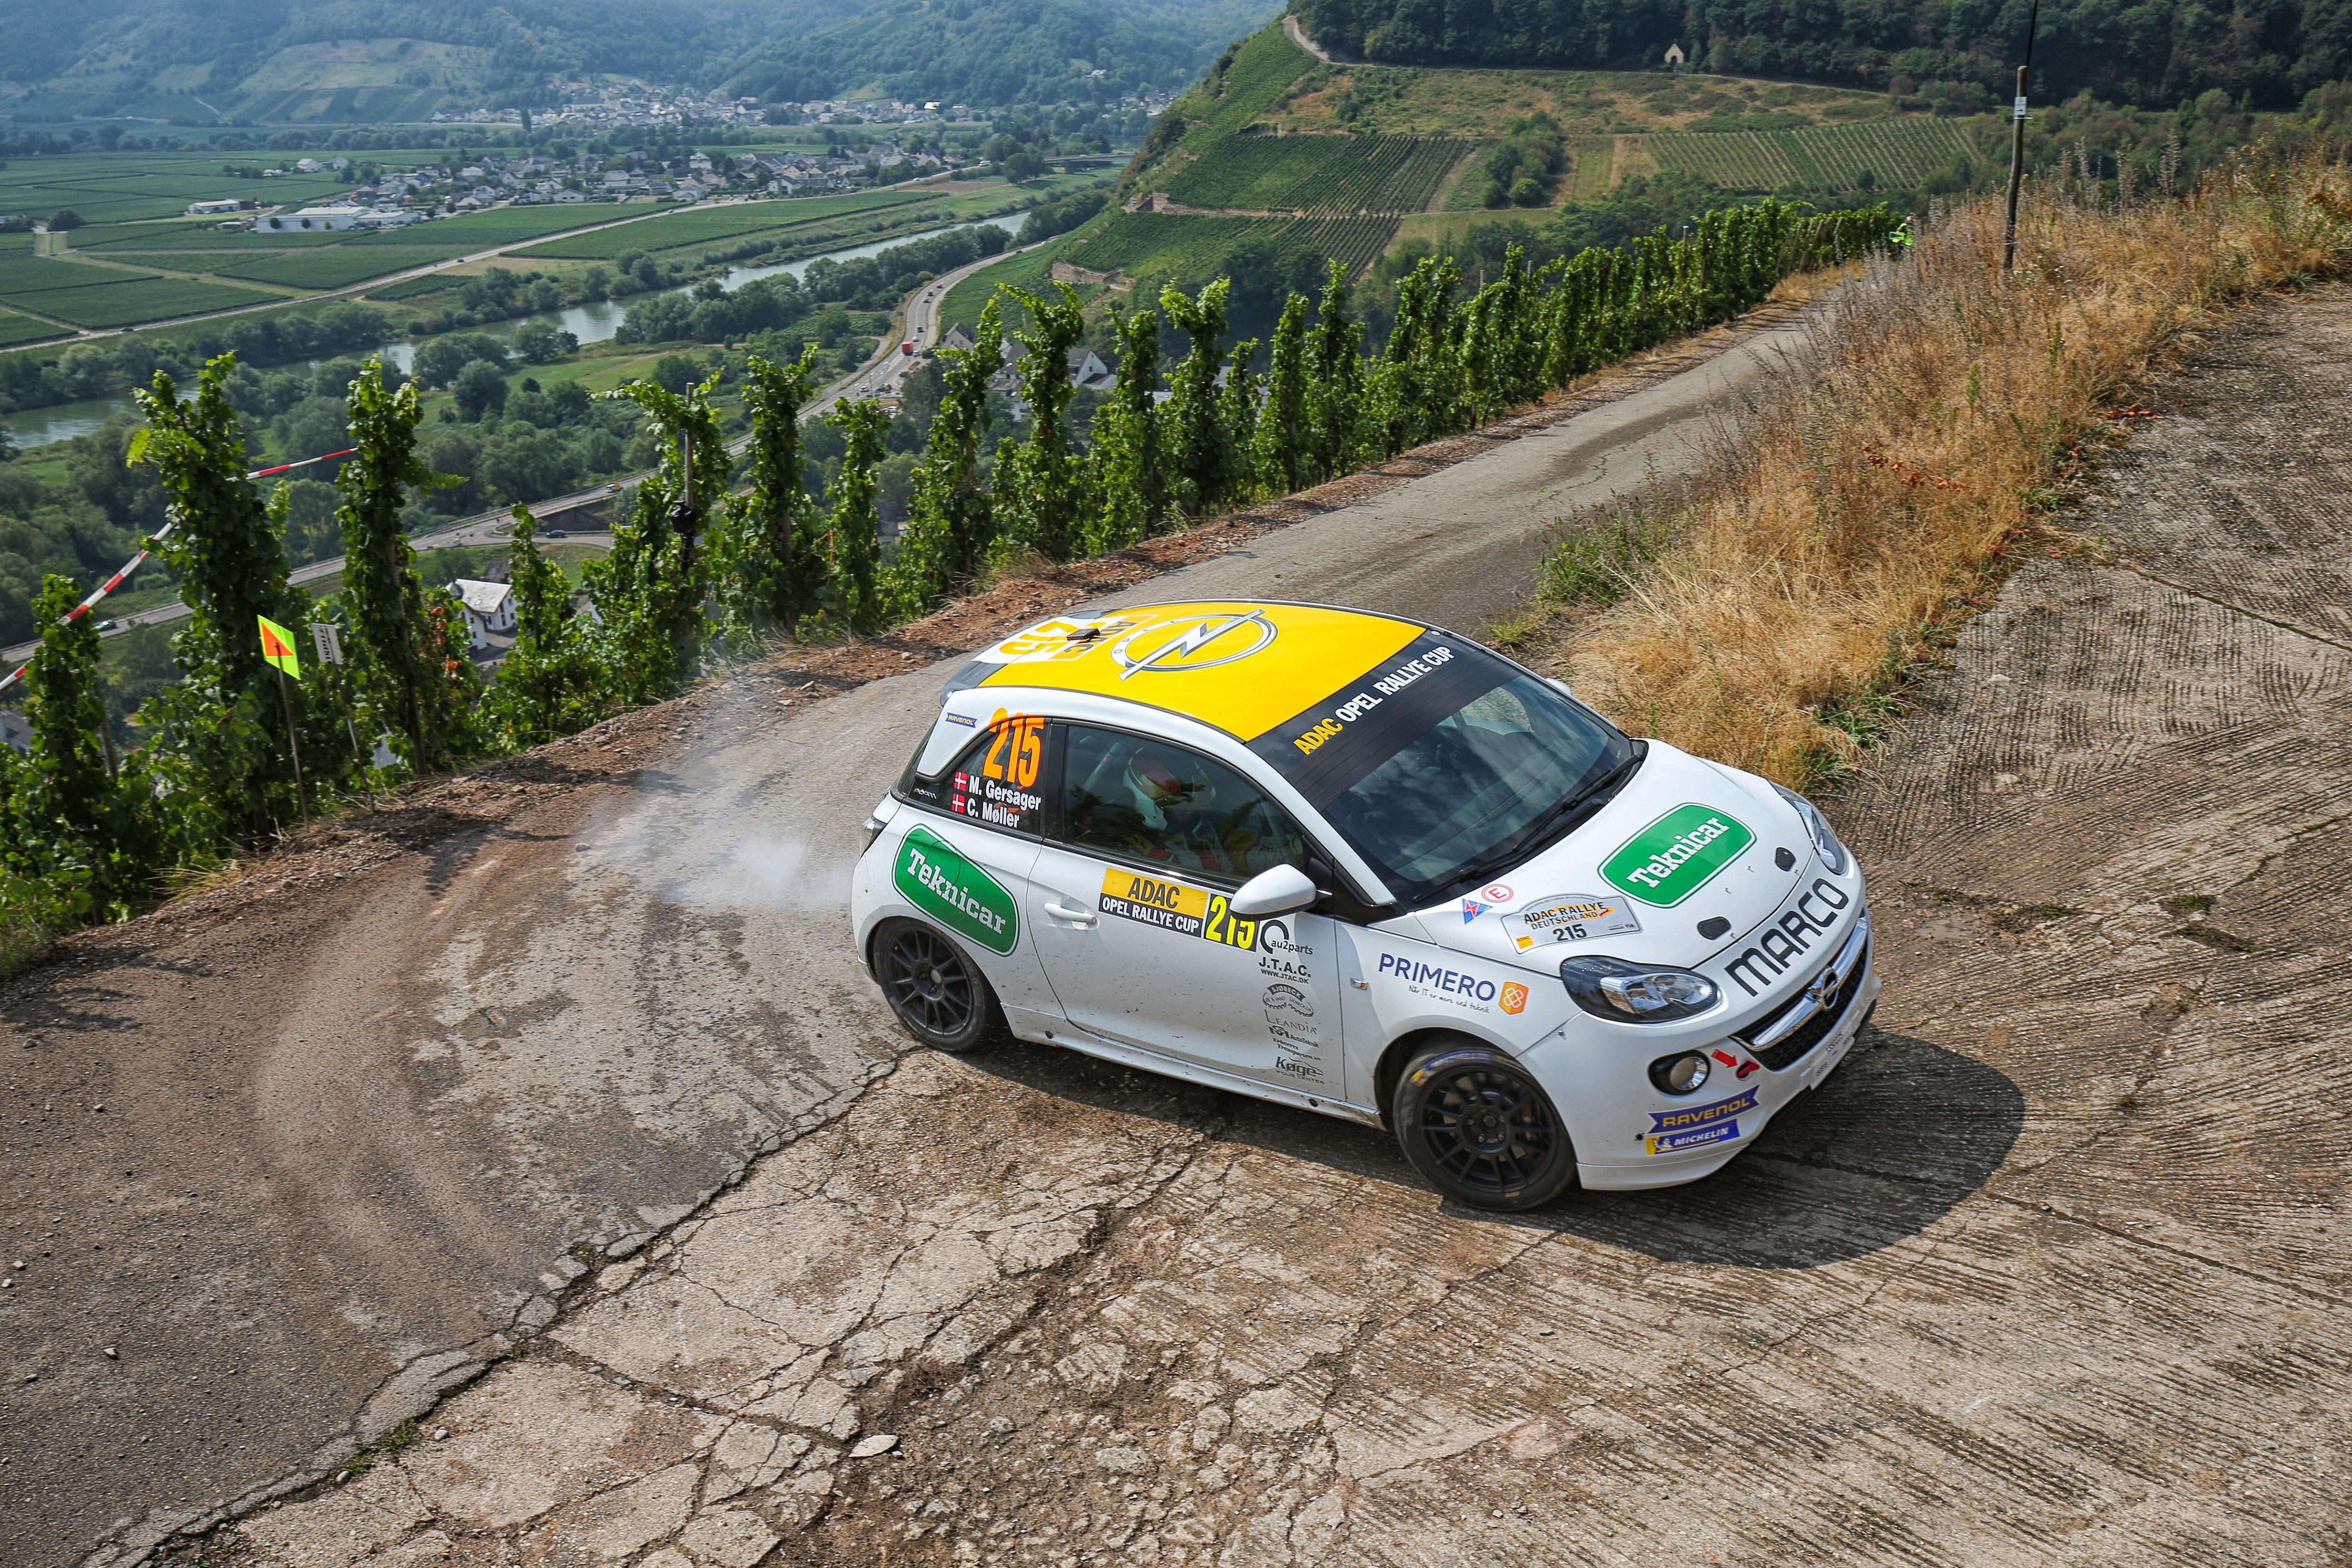 Η Opel κατέβασε τα περισσότερα αυτοκίνητα στο Γερμανικό αγώνα του WRC